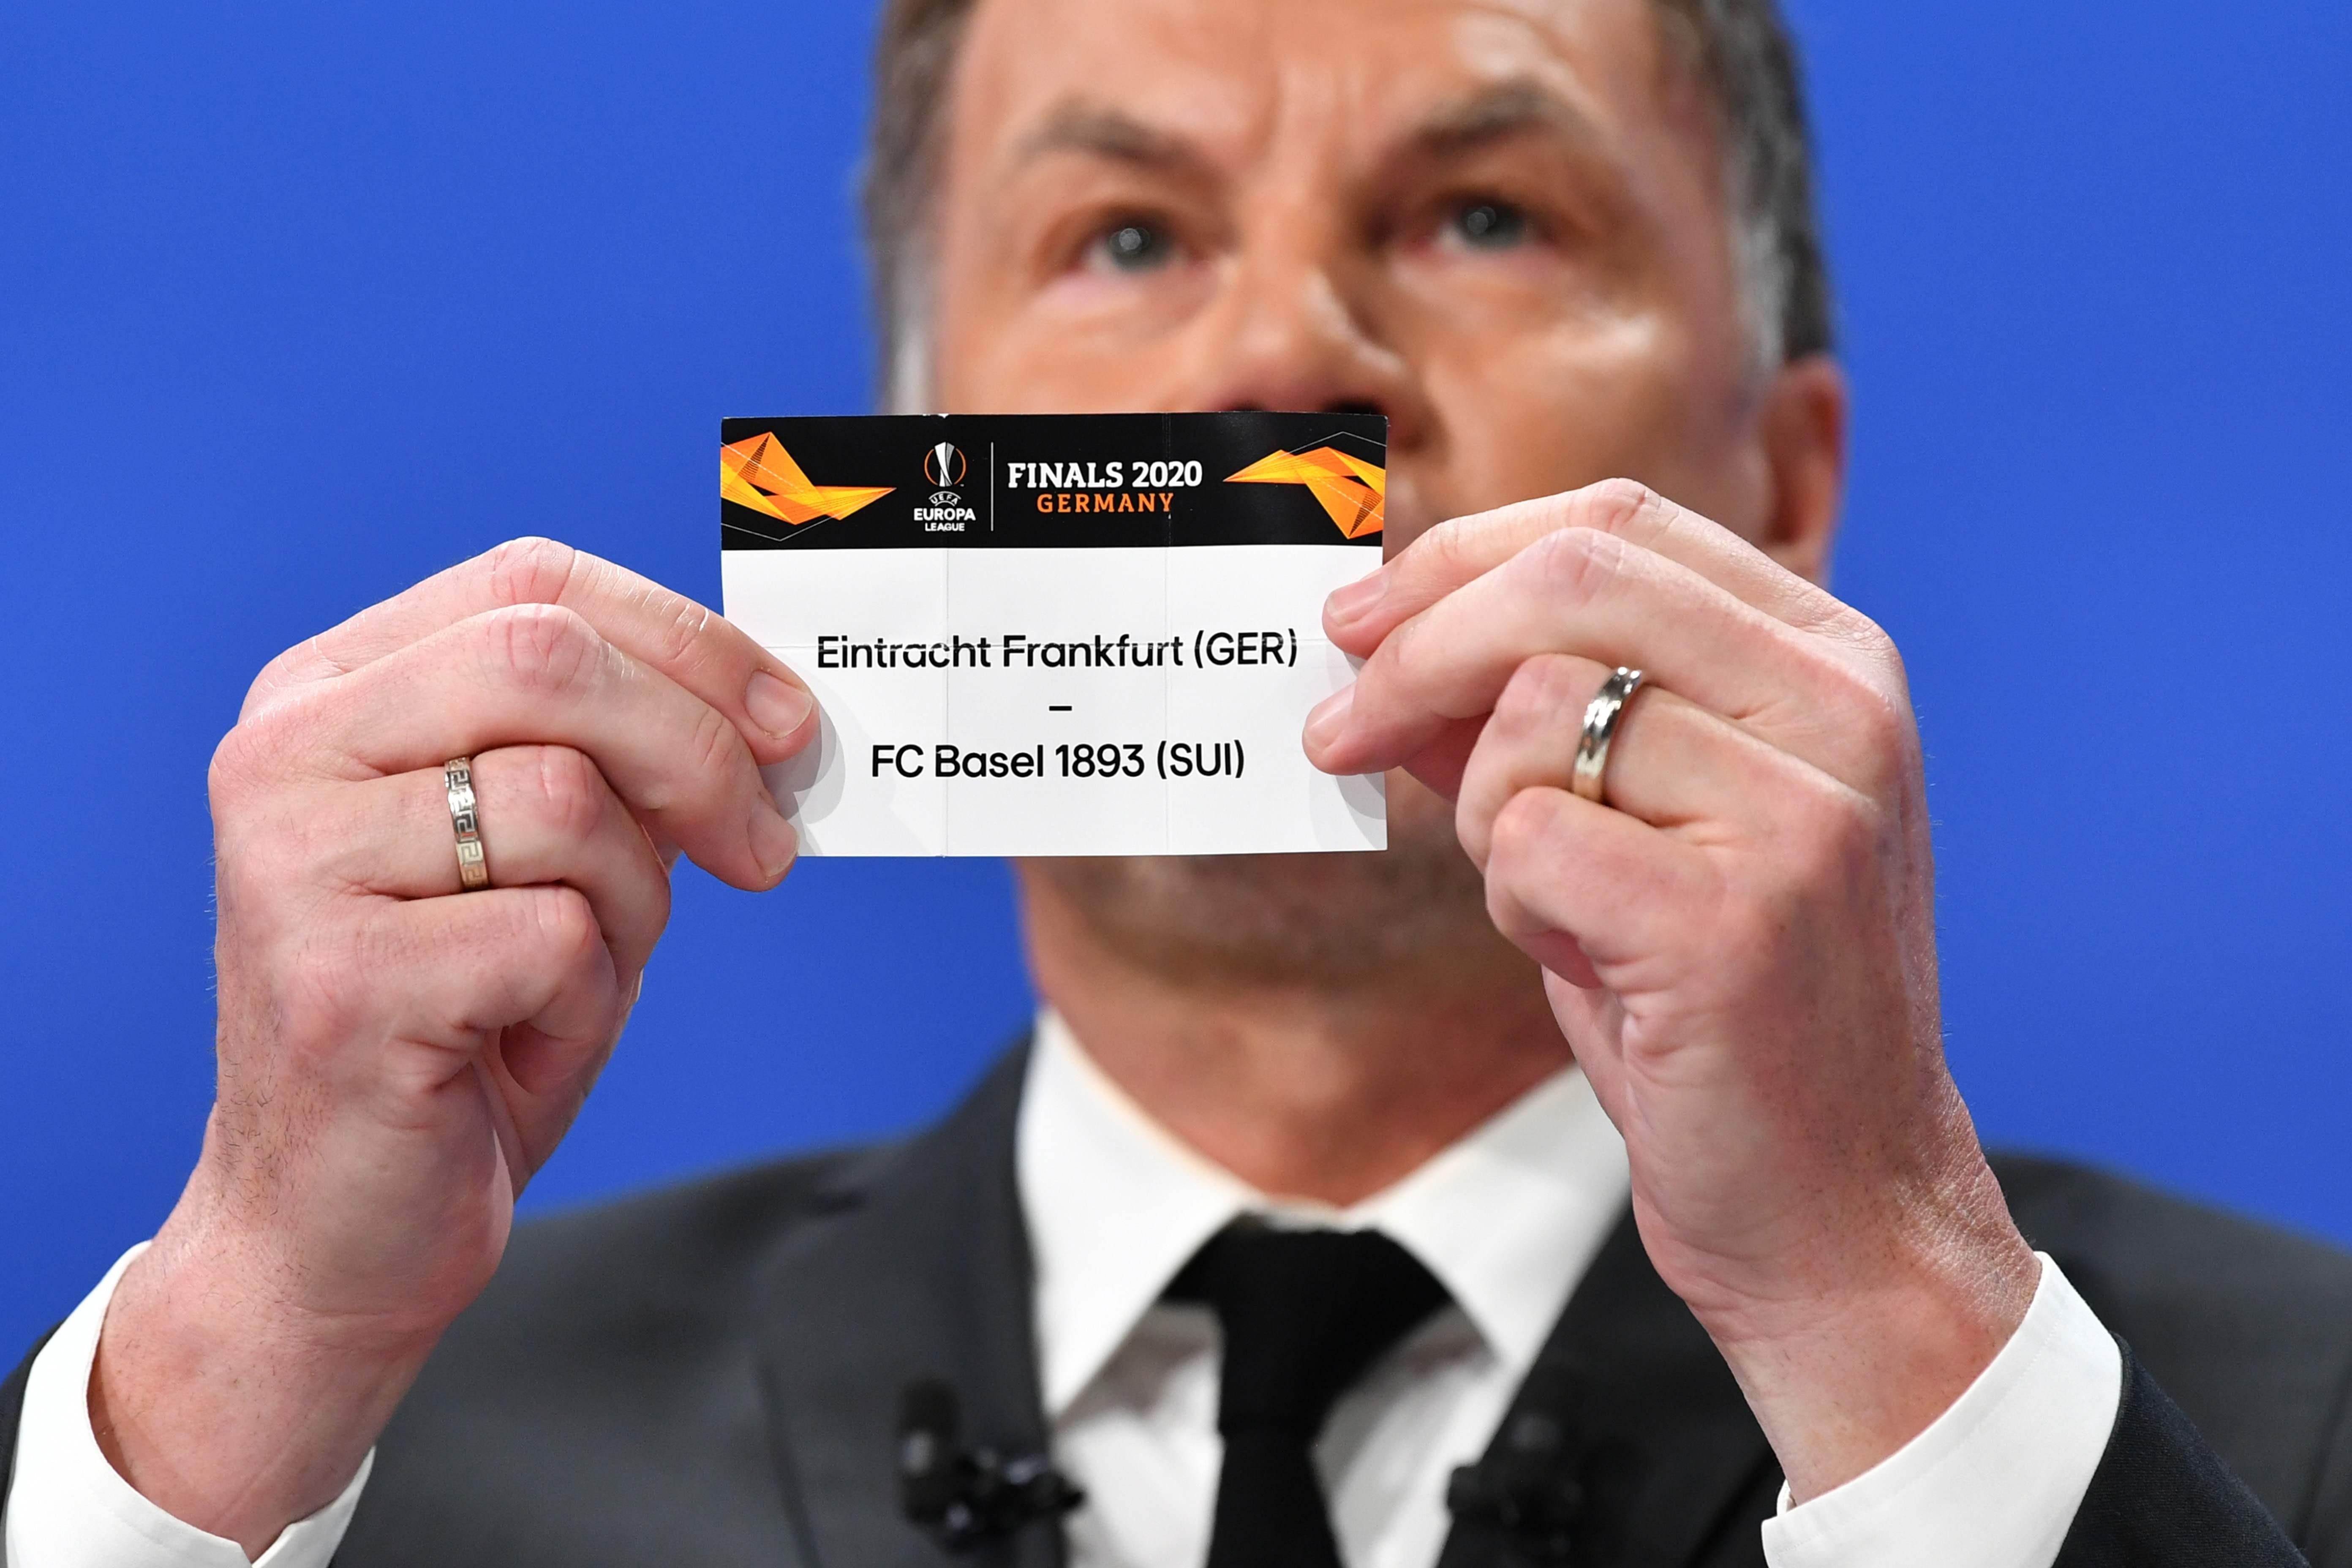 Die Europa League verspricht in den kommenden Runden einige packende Duelle.